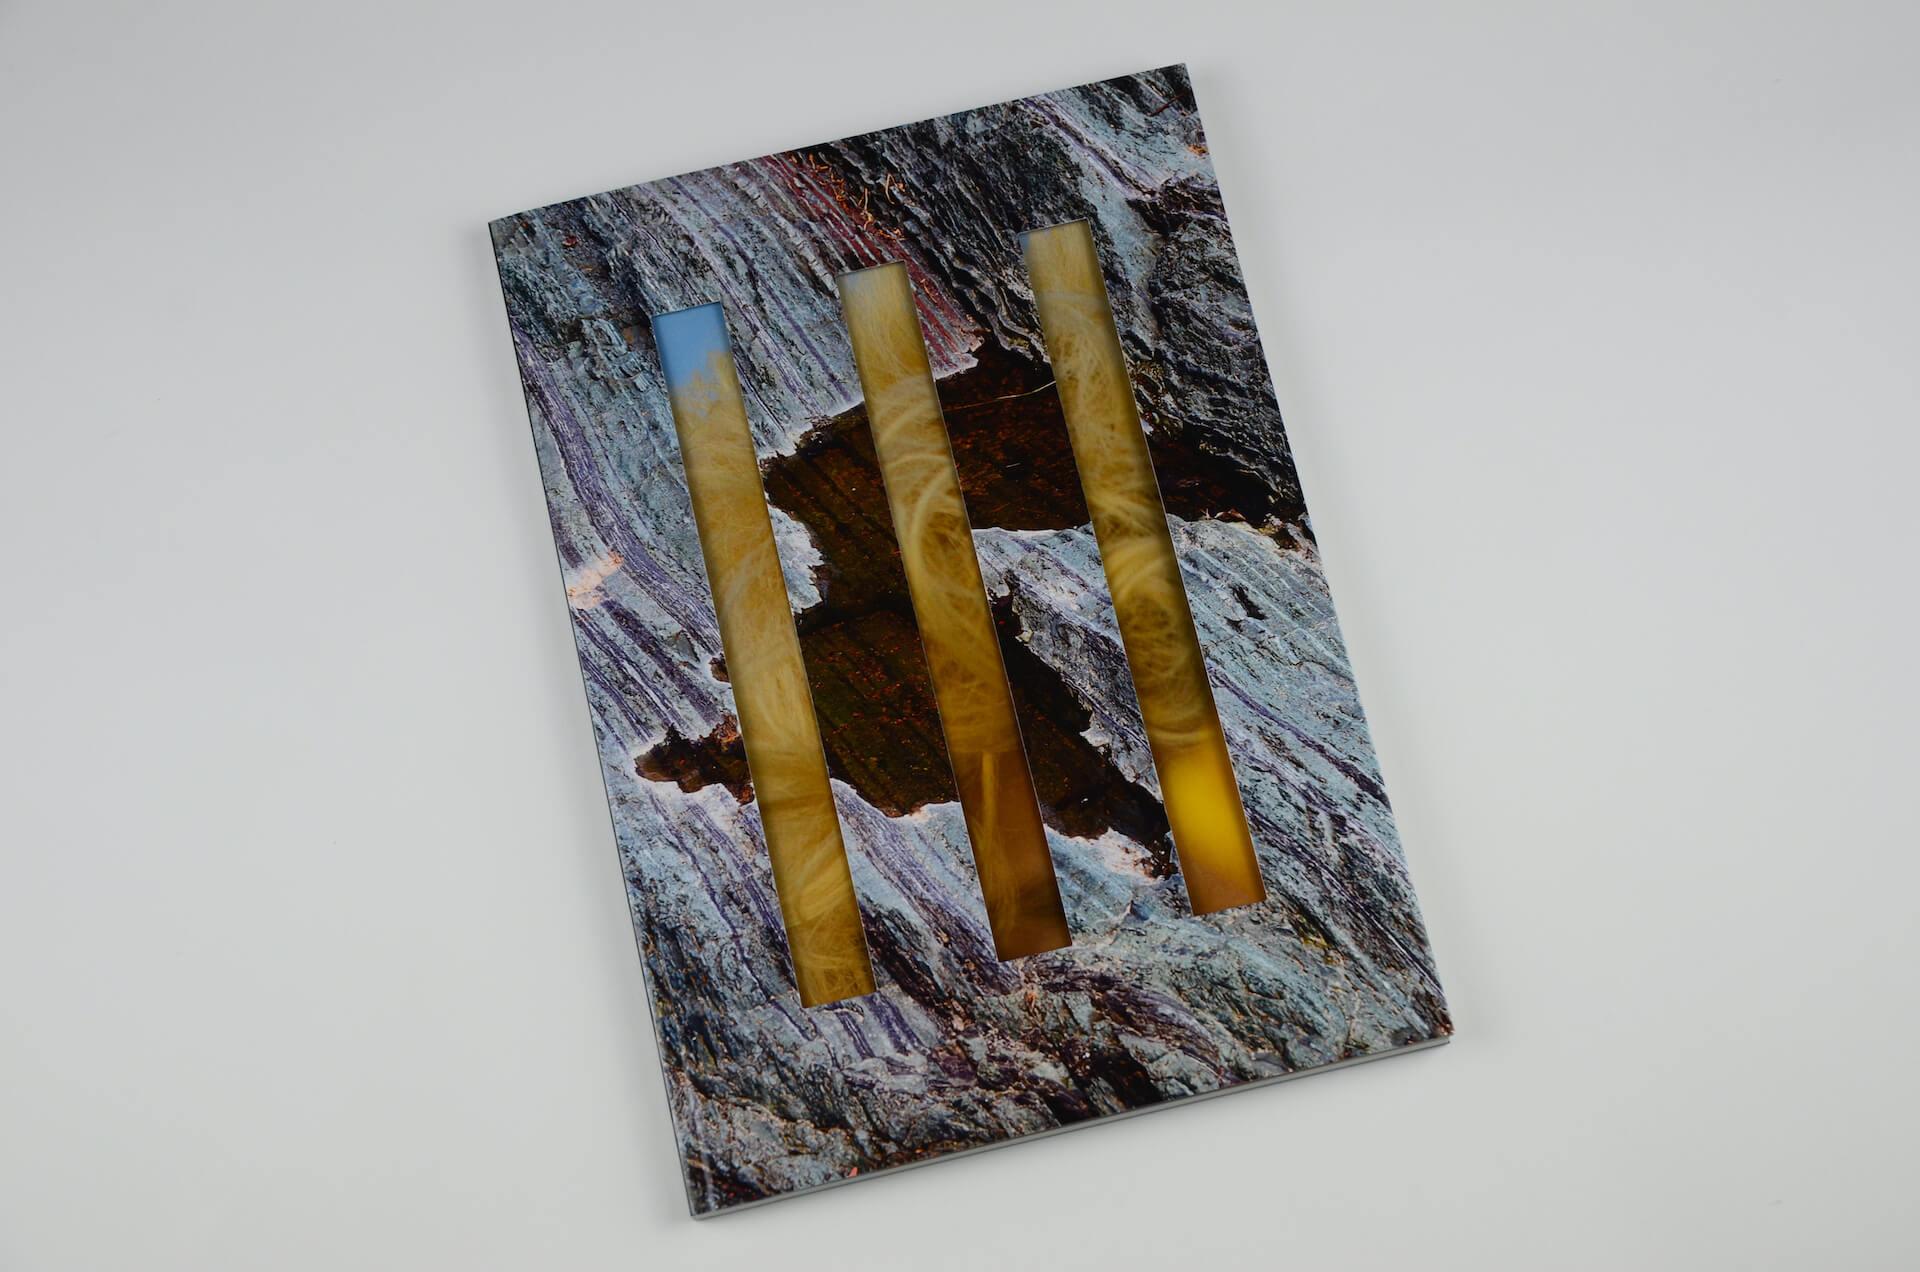 アートブックノススメ Qetic編集部が選ぶ5冊/Davide Sorrenti 他 art210322_artbook-018